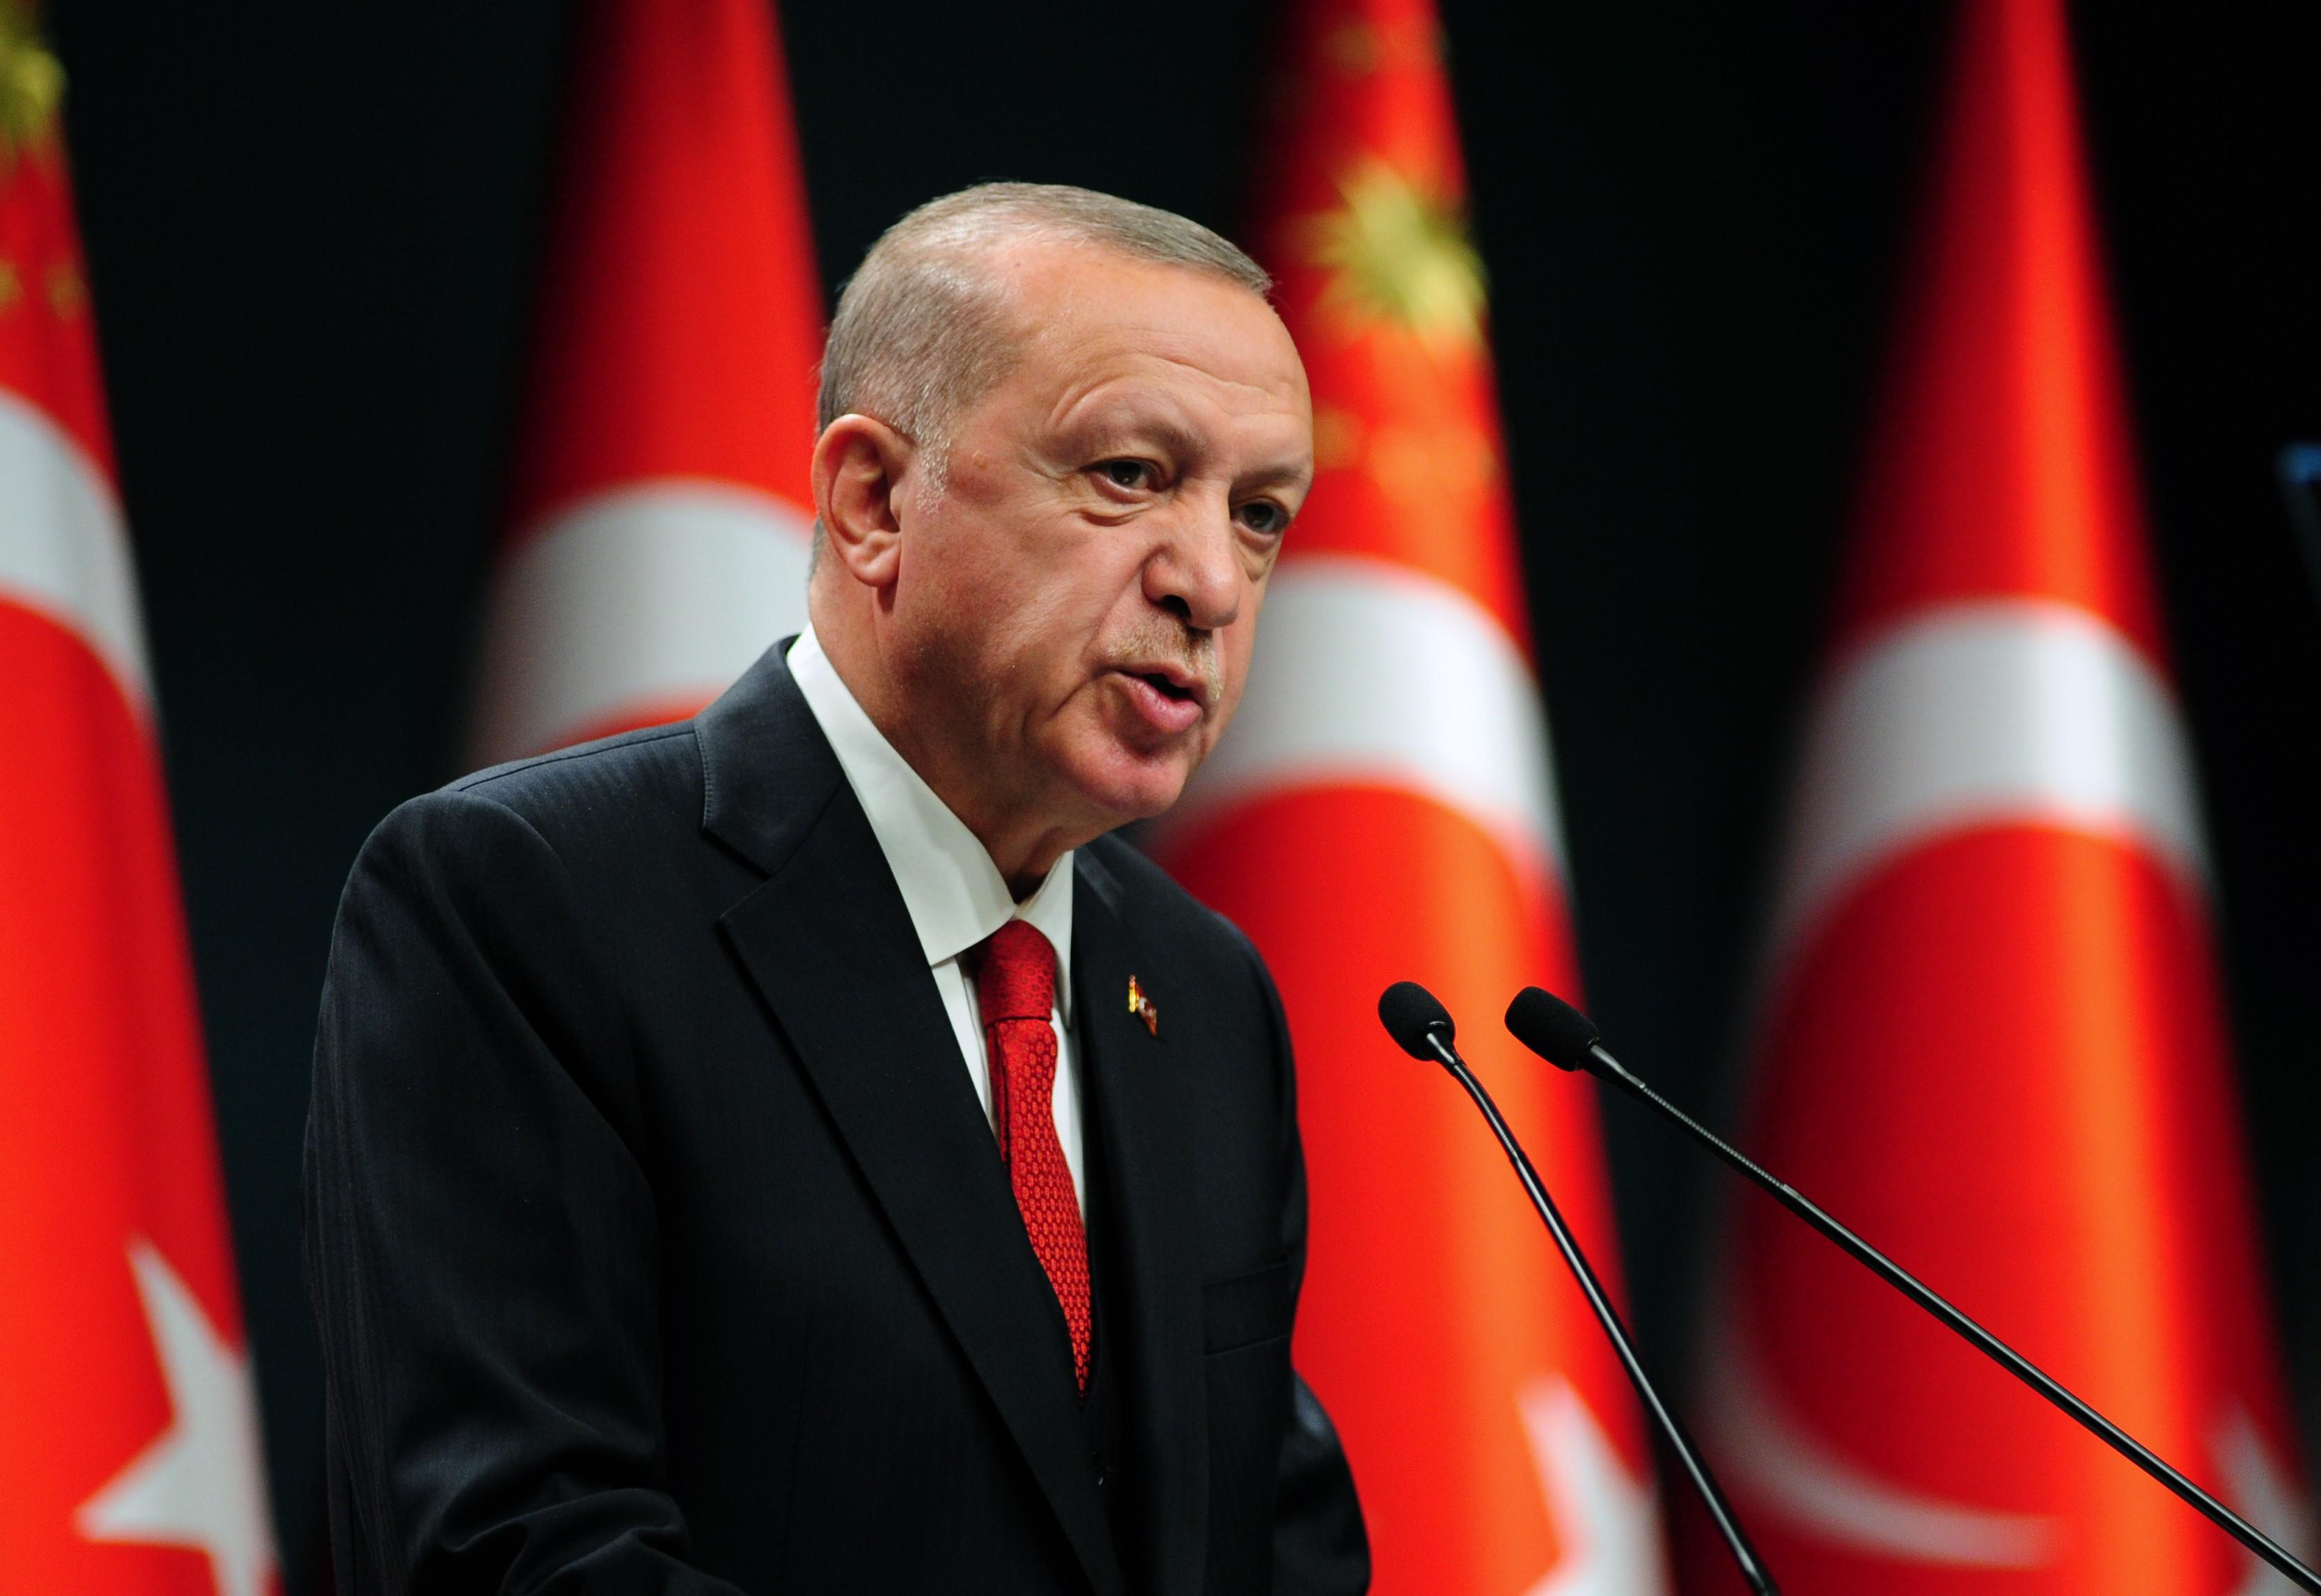 Cumhurbaşkanı Erdoğan yeni korona virüsü yasaklarını açıkladı